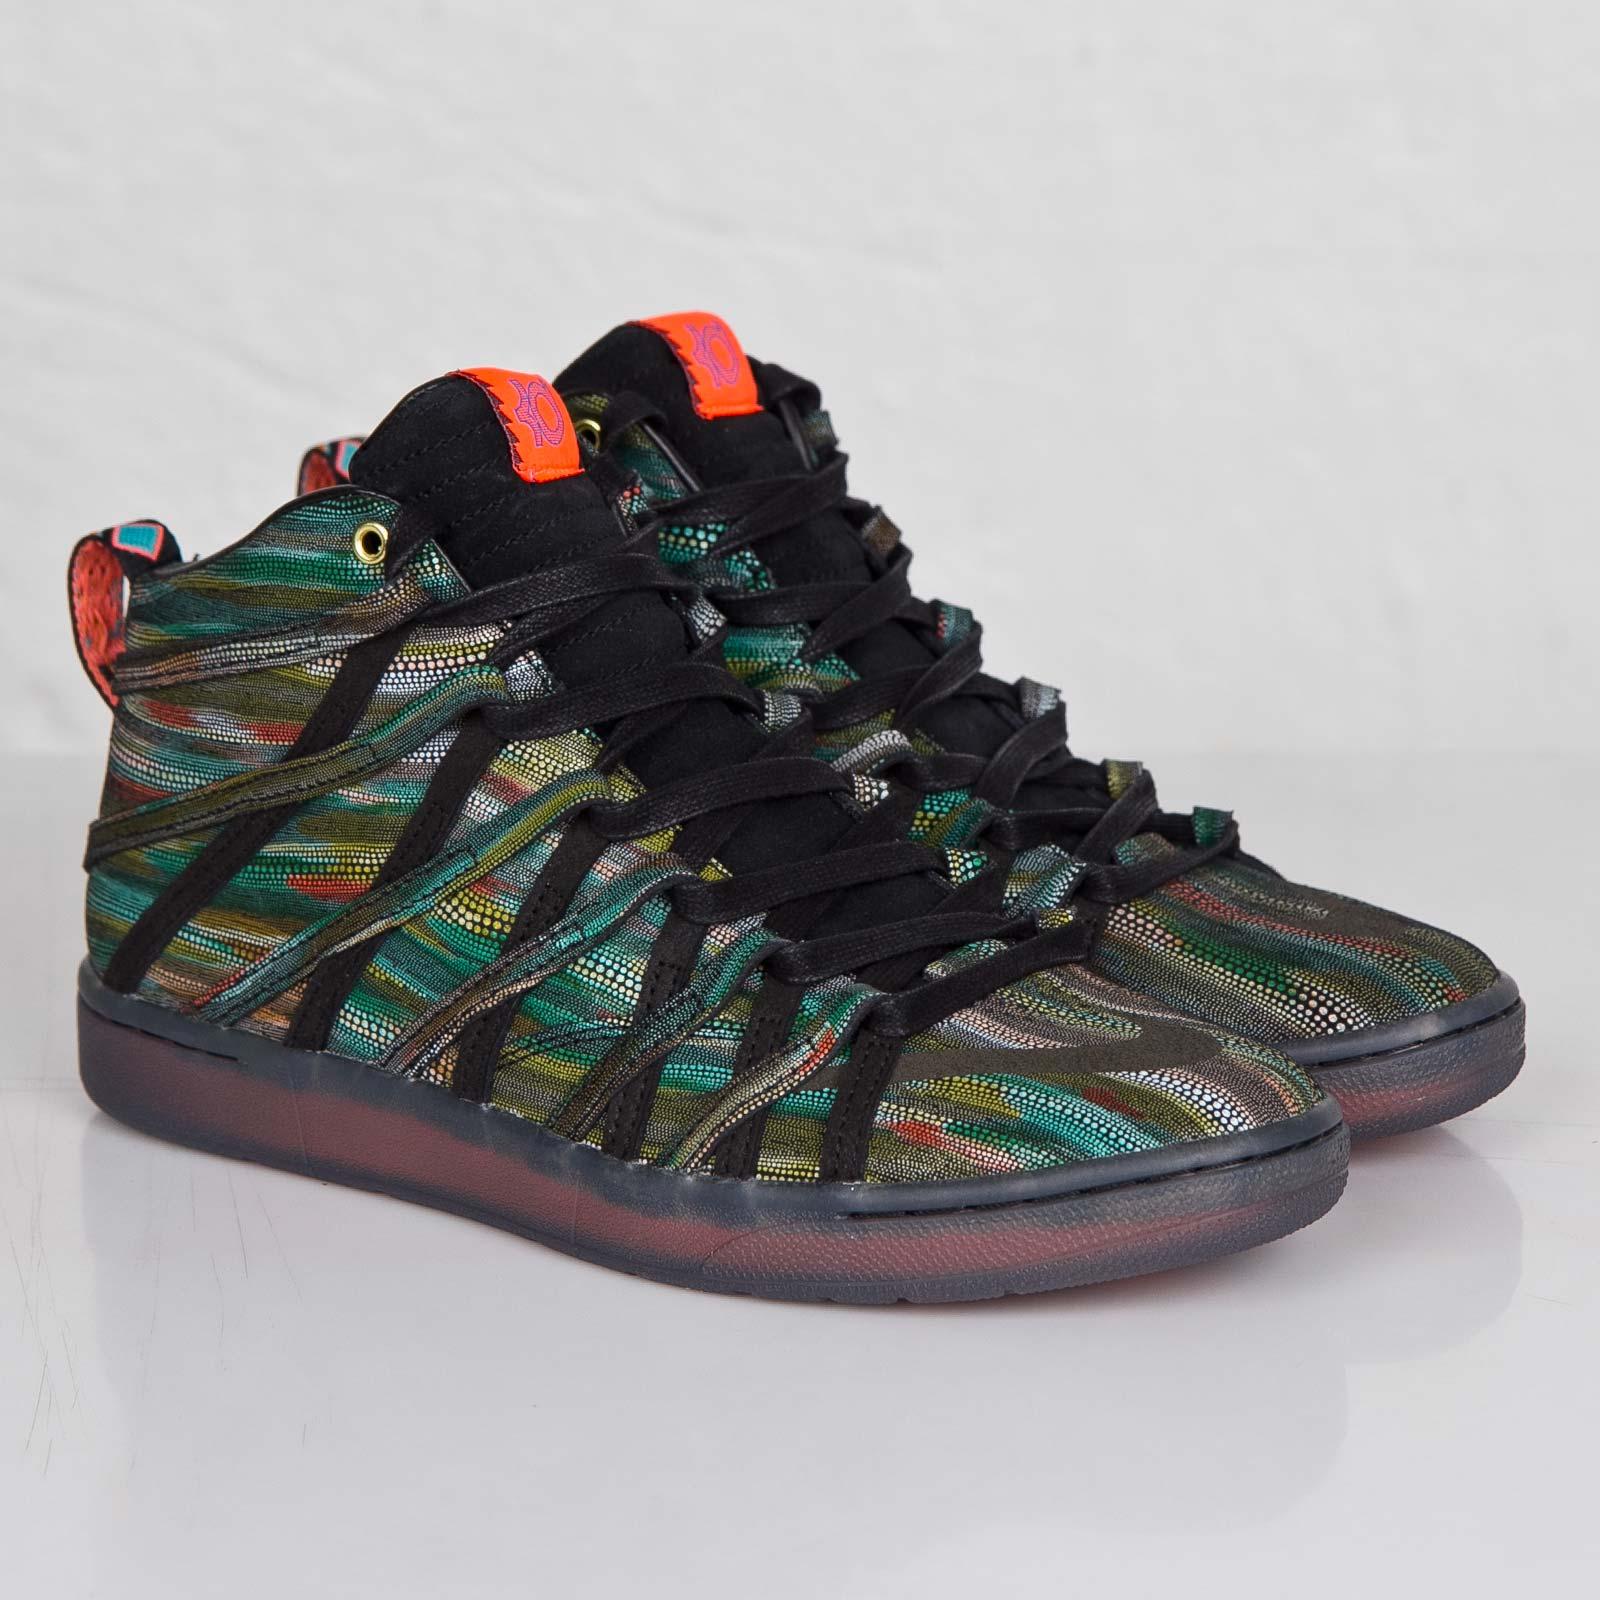 Nike KD VII Lifestyle PRM QS - 653872-002 - Sneakersnstuff ... e94a5c5ec0